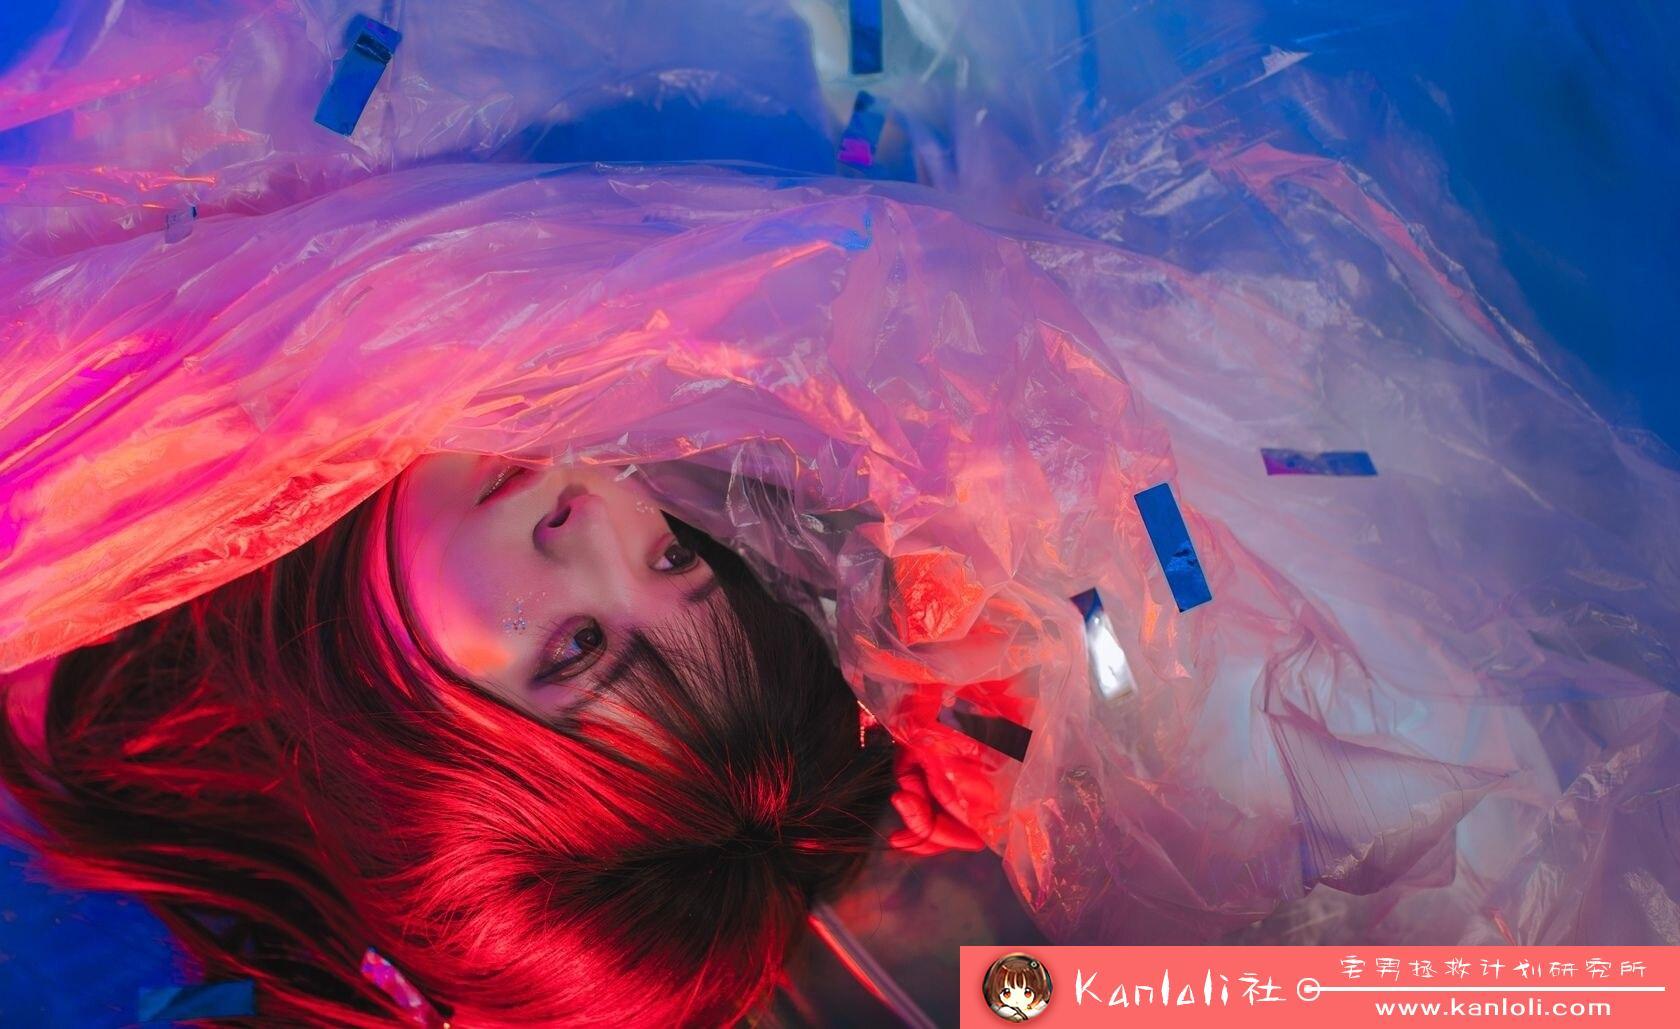 【疯猫ss】疯猫ss写真-FM-022 不知道表达什么意思的写真 [10P]